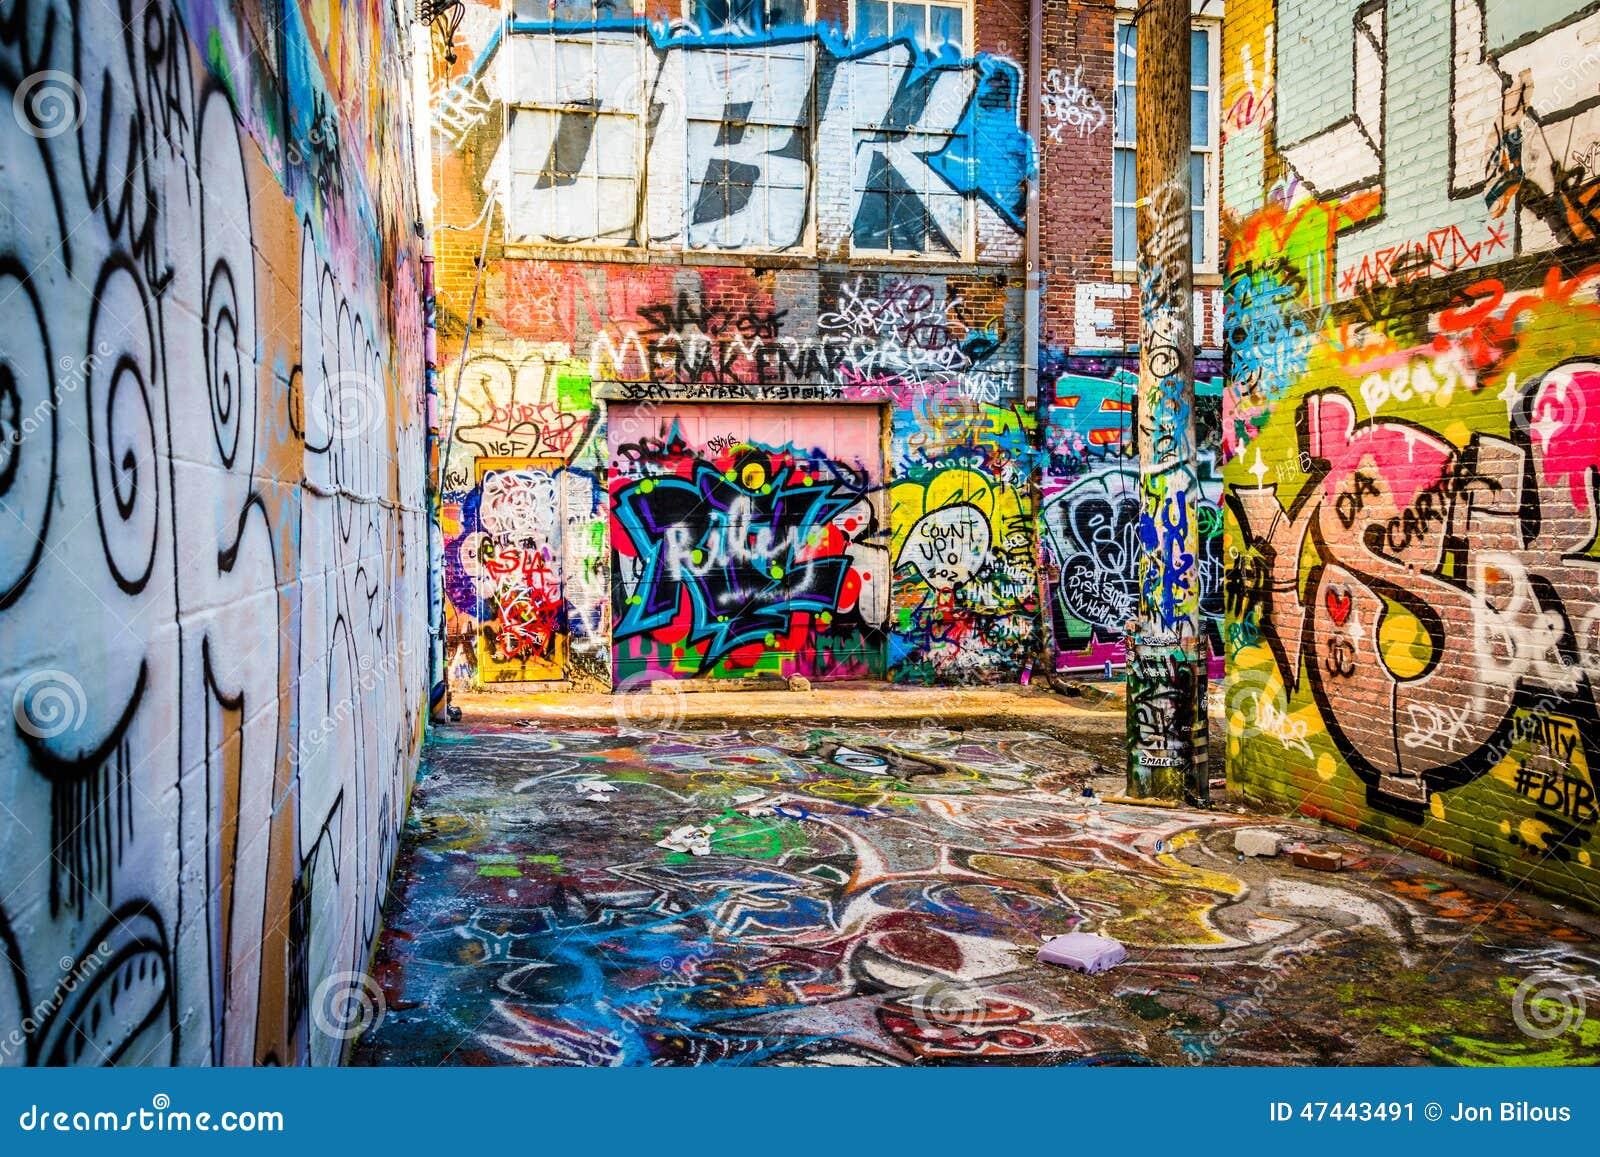 Graffiti wall baltimore - Alley Baltimore Colorful Graffiti